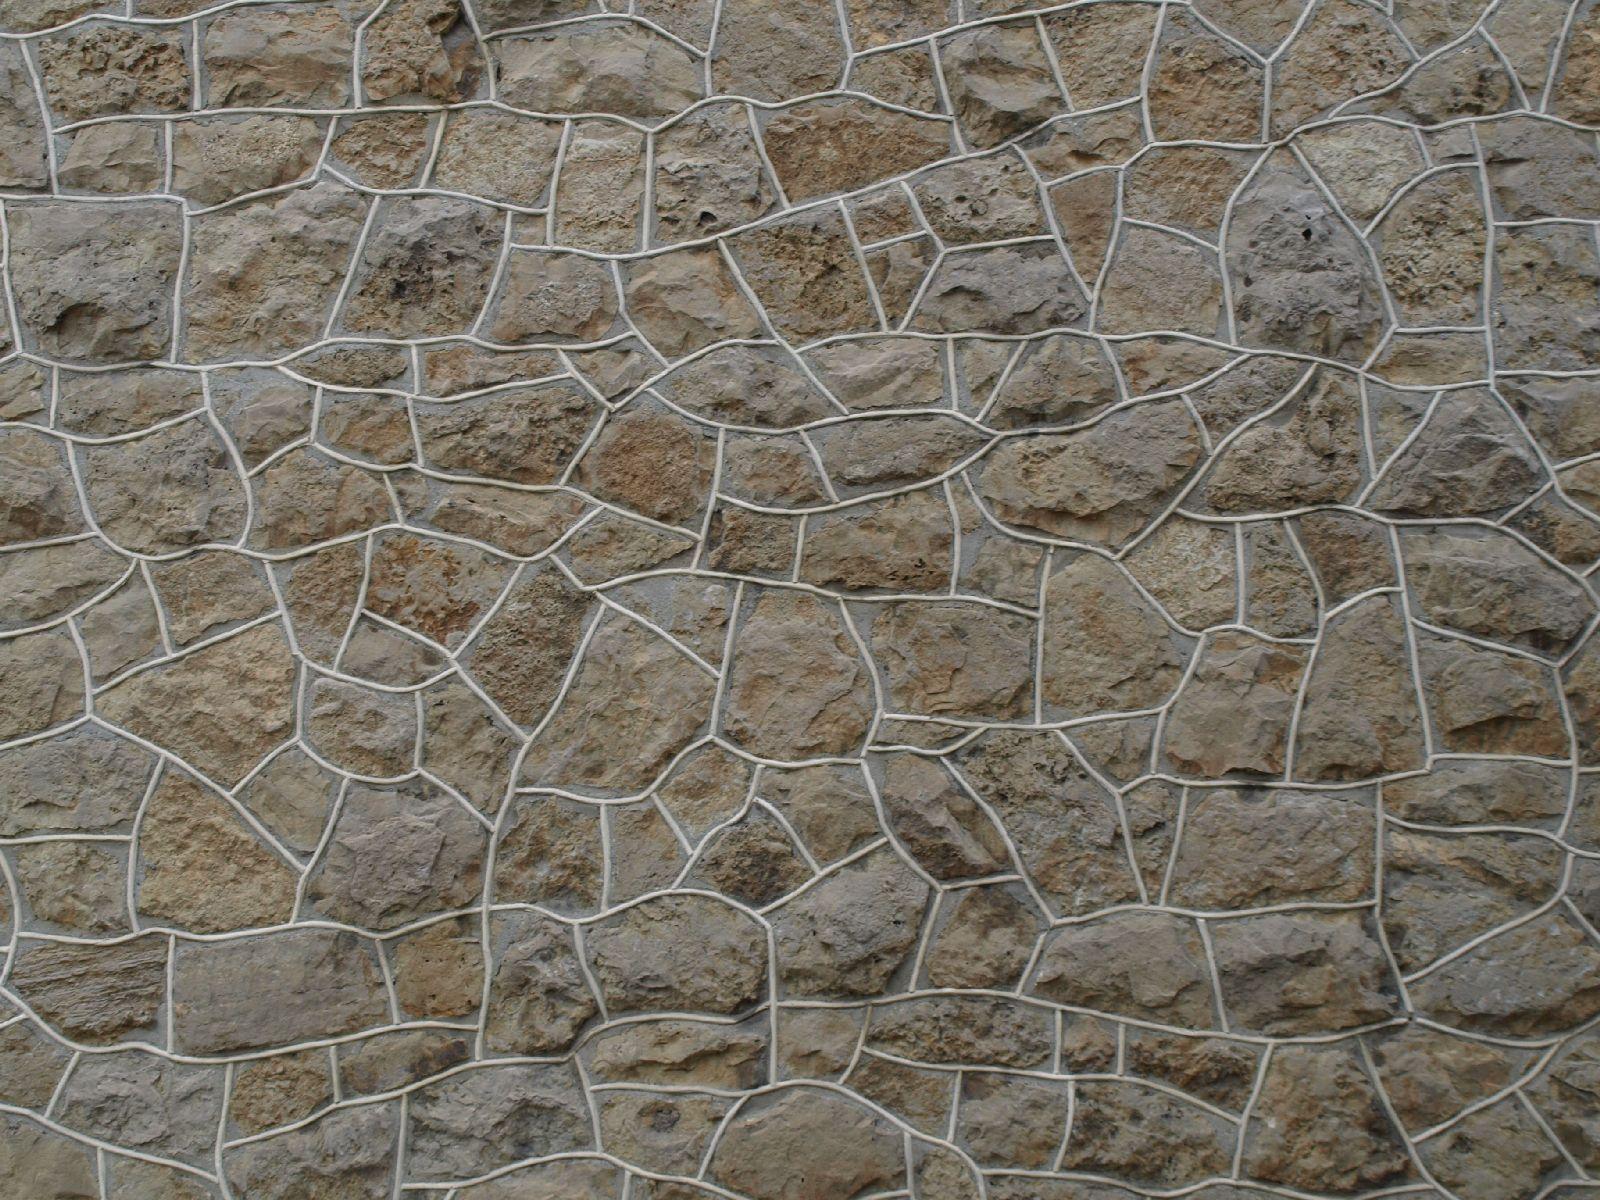 Wand-Bruchstein_Textur_A_P6033254